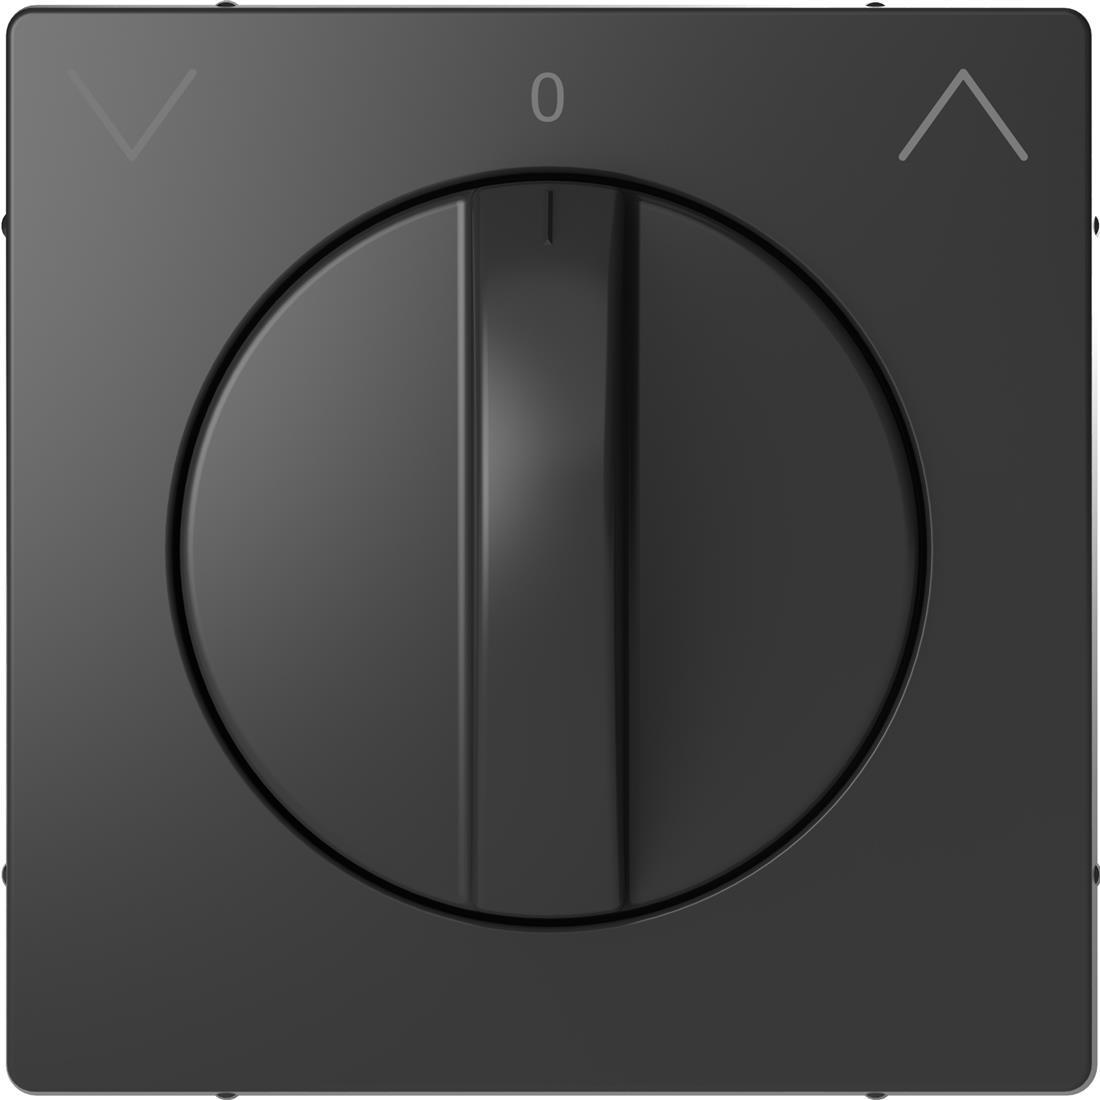 Schneider-Merten D Life centraalplaat voor draai-jaloezieschakelaar - antraciet (MTN3875-6034)